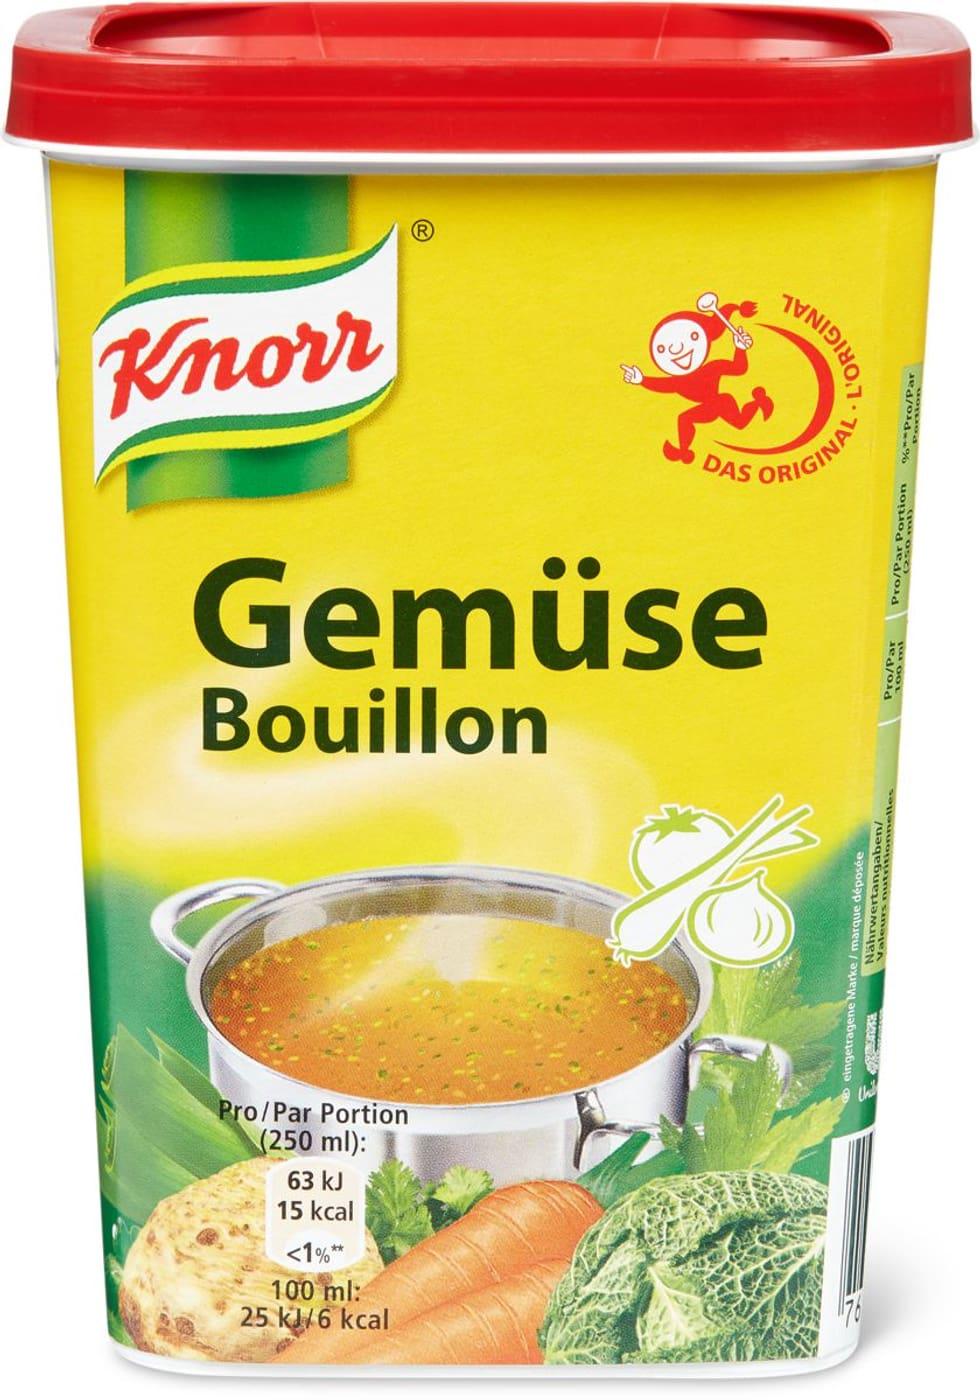 Knorr Gemüse Bouillon